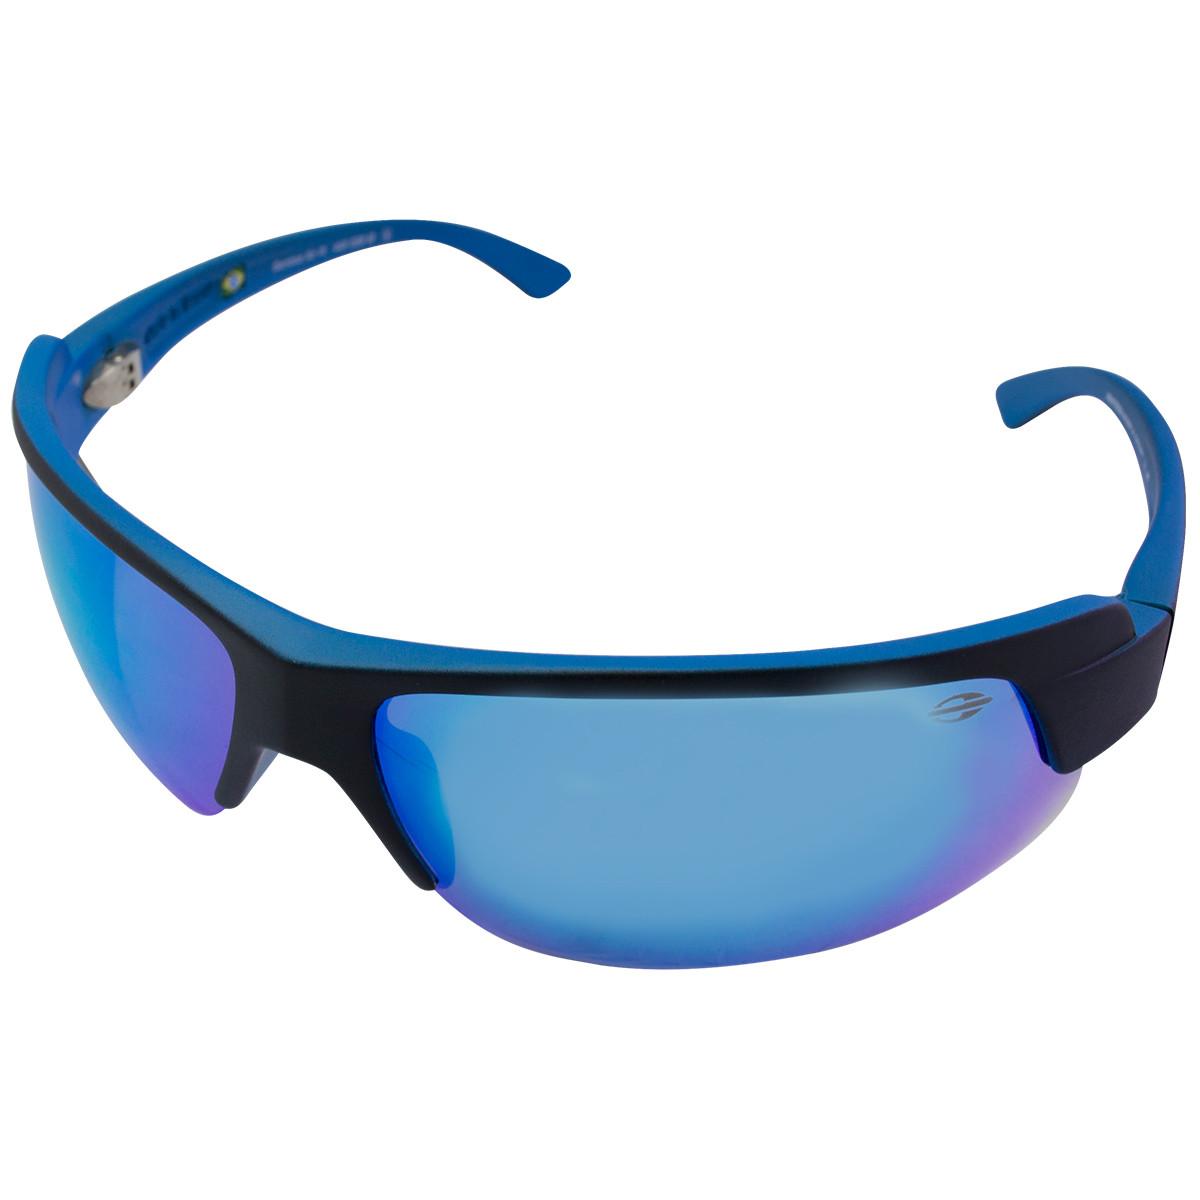 Óculos Mormaii Gamboa Air 3 Azul e Preto  Lente Flash Azul ref 44103312 b7749b9059